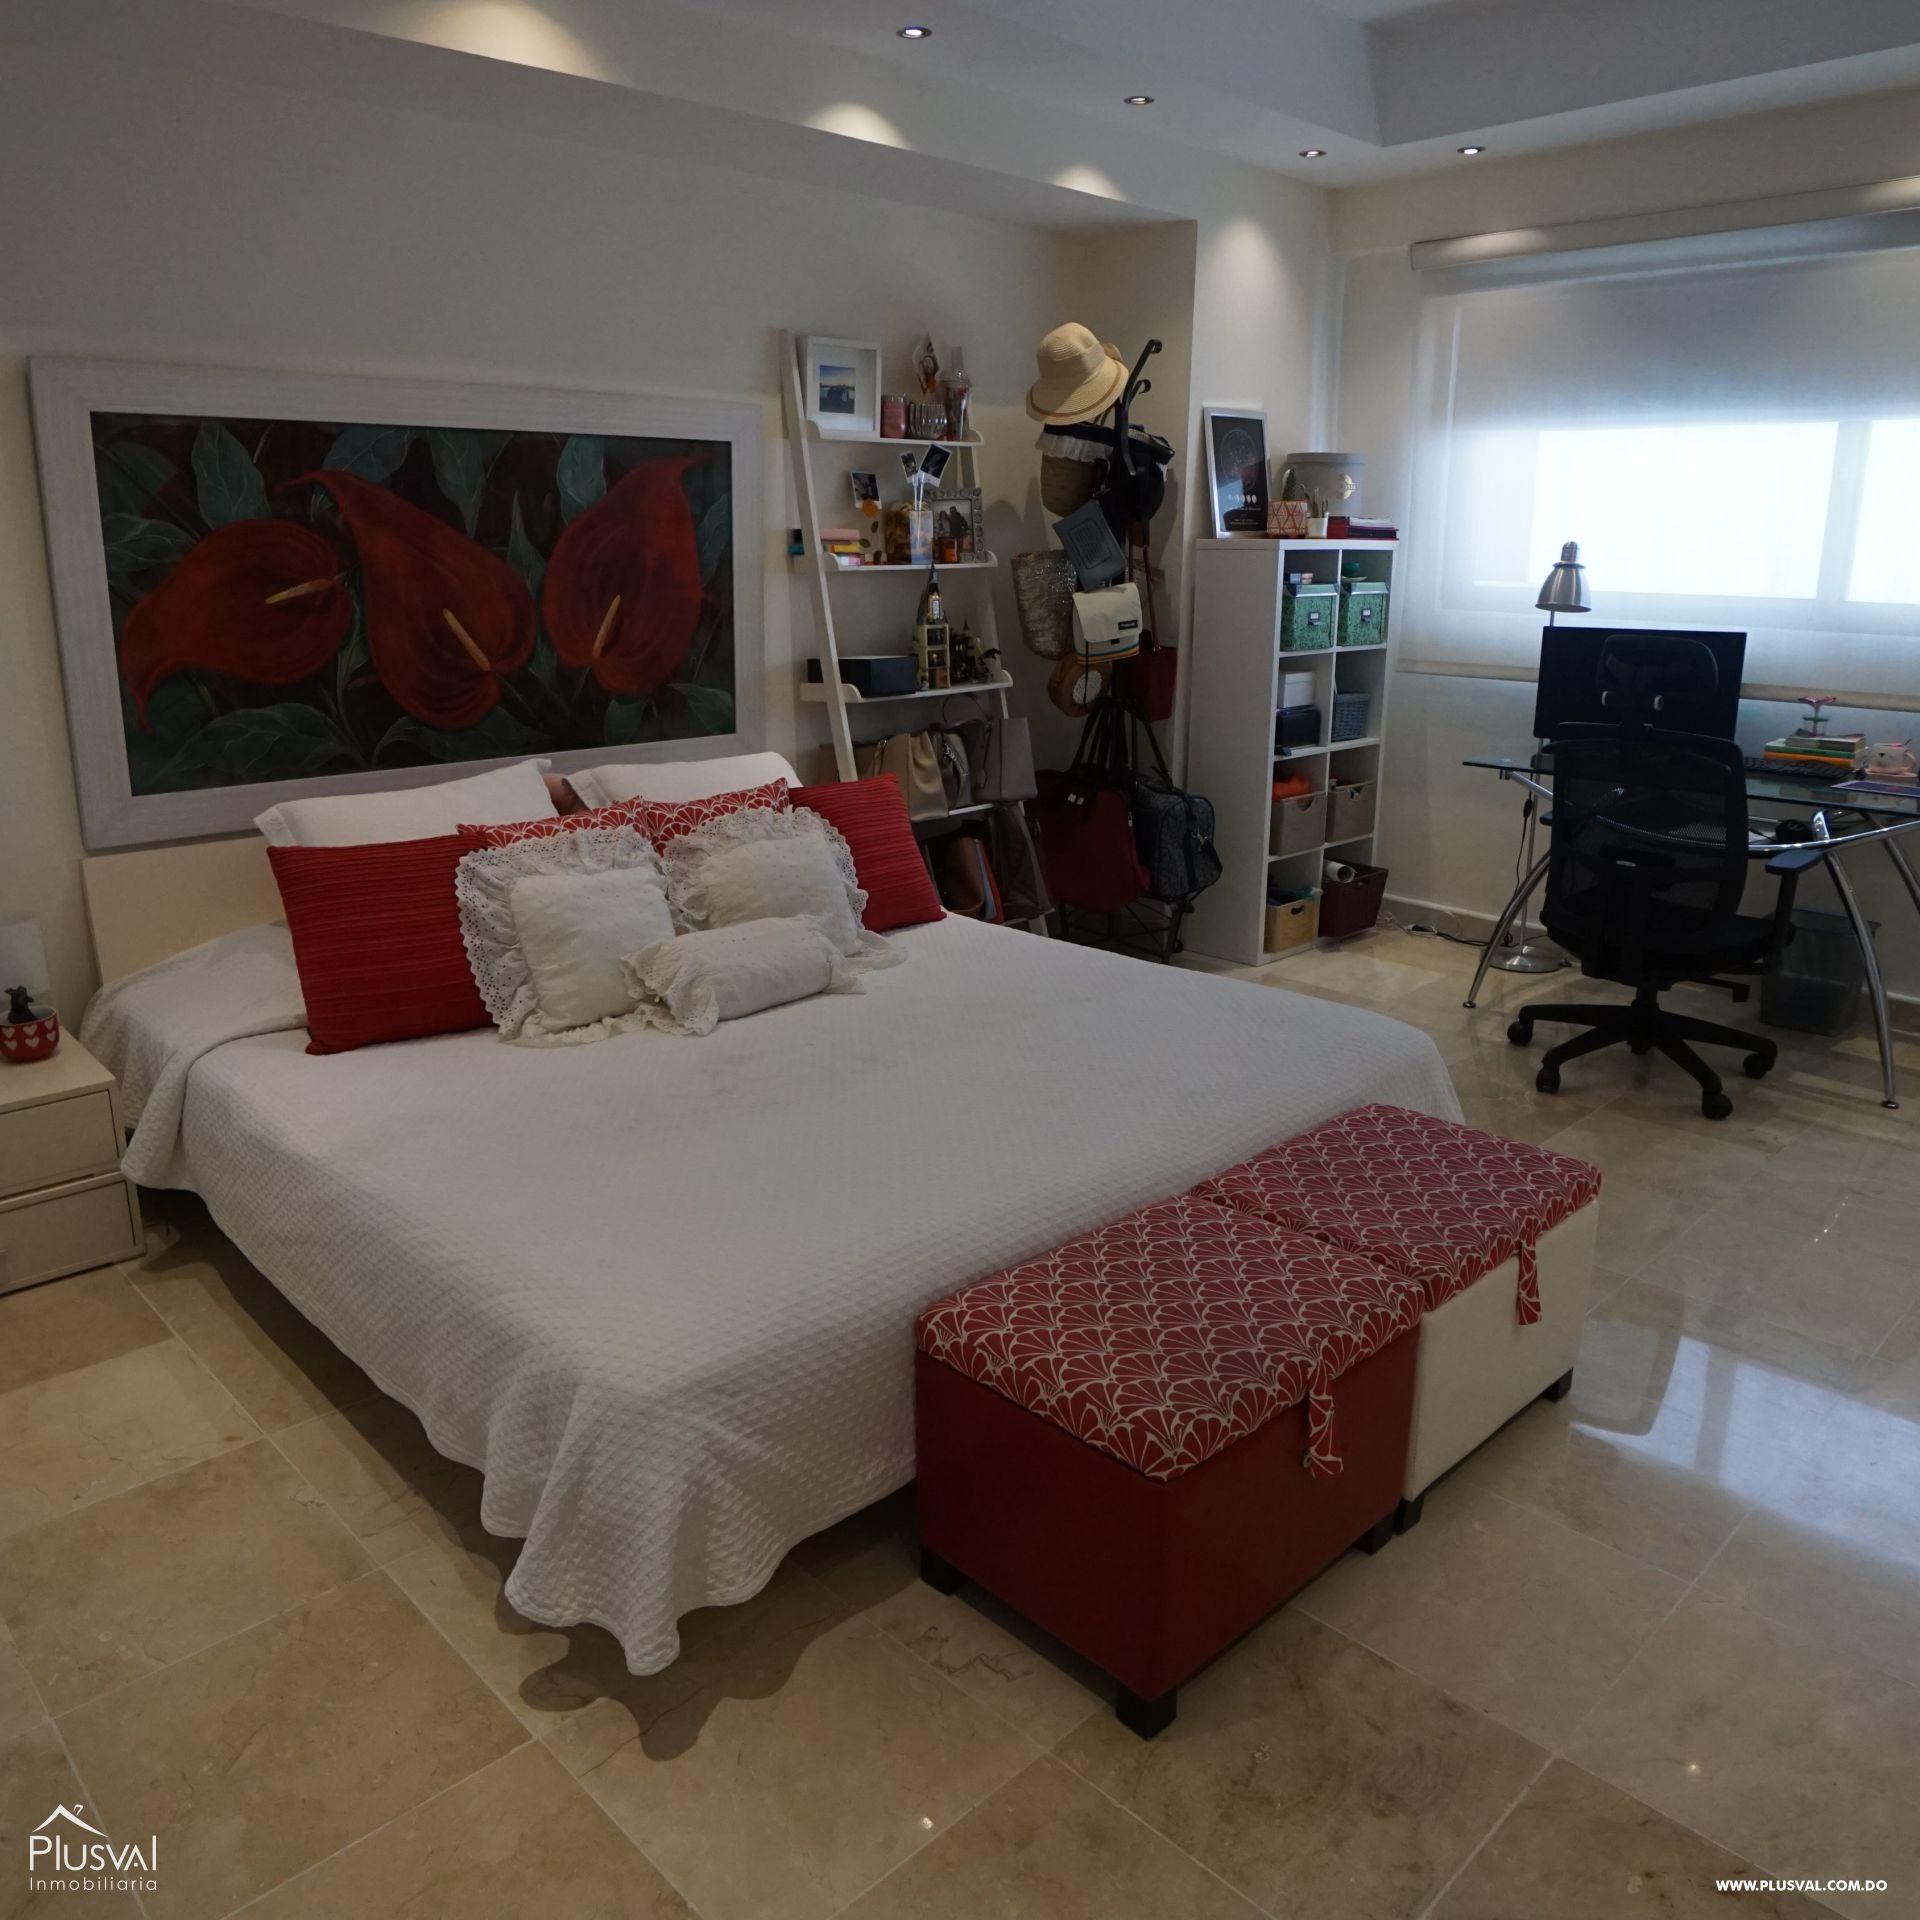 Lujoso apartamento en VENTA en Zona Residencial de NACO 182974